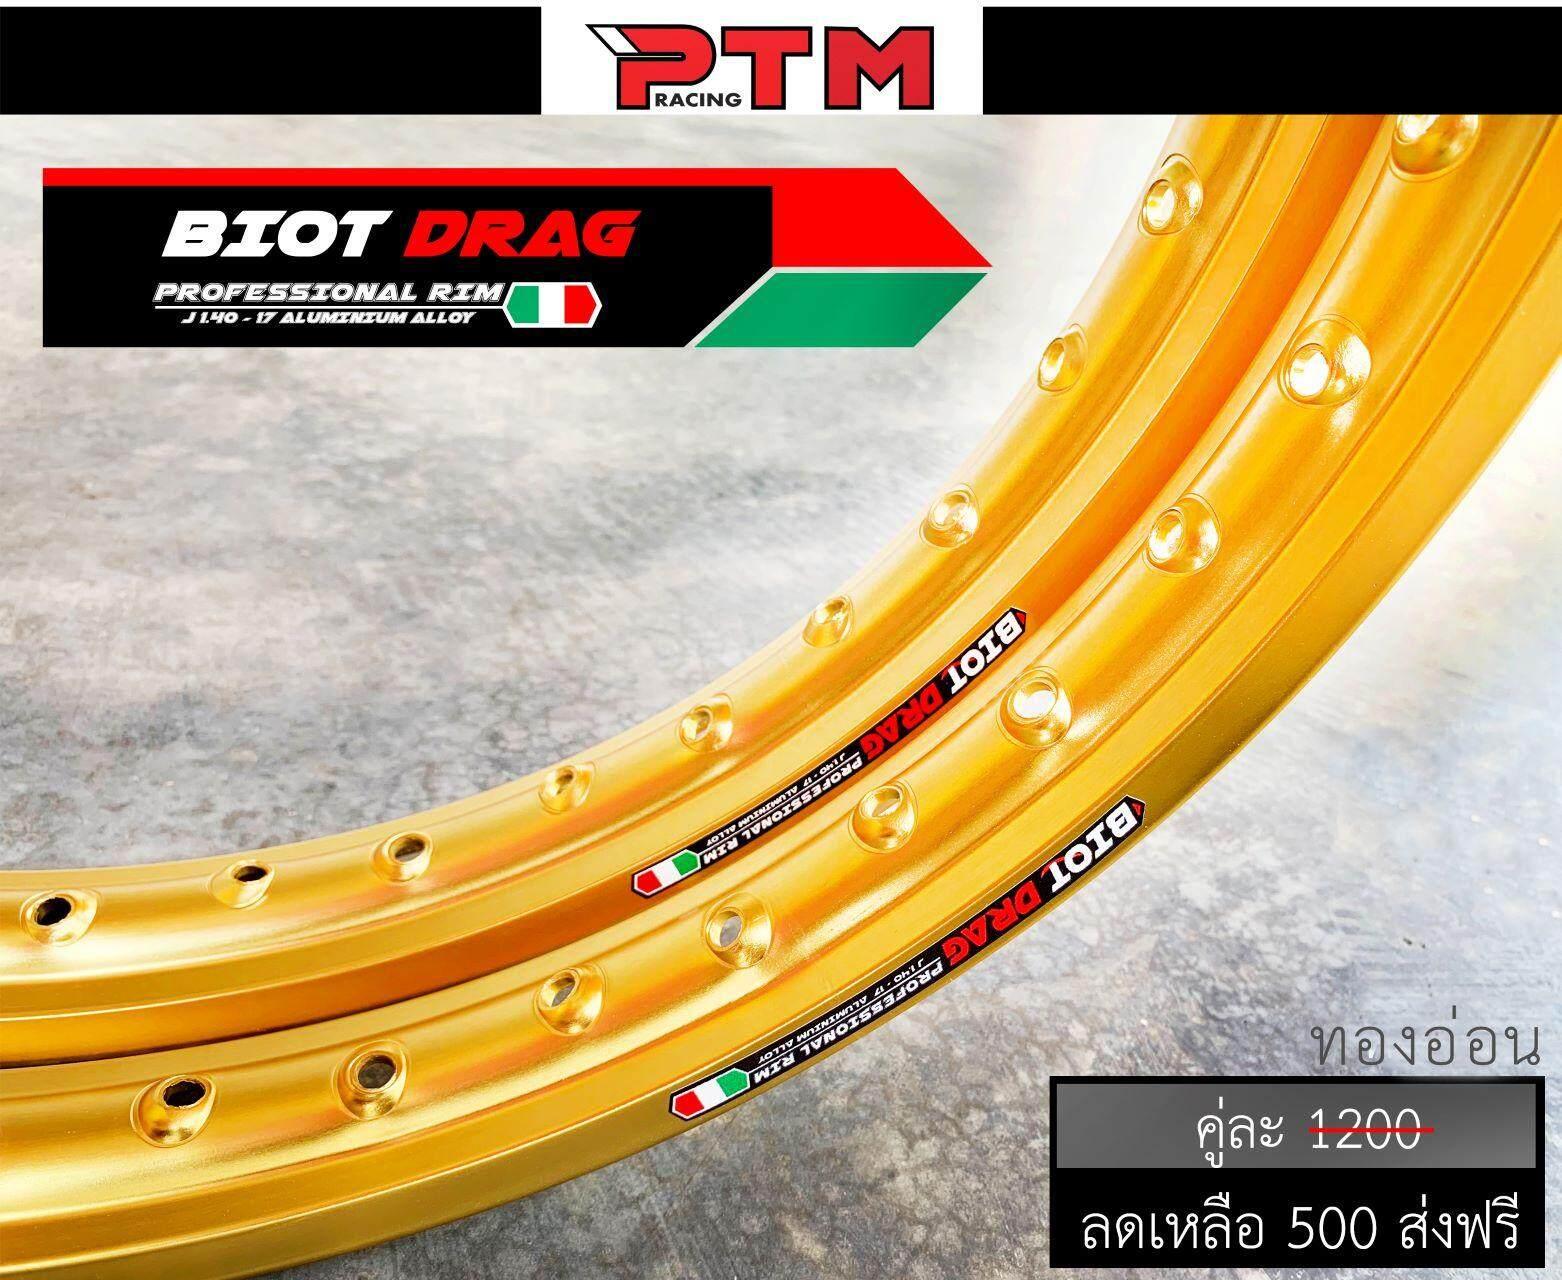 แนะนำ วงล้อ อลูมิเนียม ขอบเรียบ BIOT DRAG 1.4-17 ลิขสิทธิ์แท้ มาพร้อมโลโก้สวยๆ งานสวยเนียบ ล้อขอบ17 อะไหล่แต่งมอไซ ( ราคาต่อ 1คู่ ) l PTM Racing